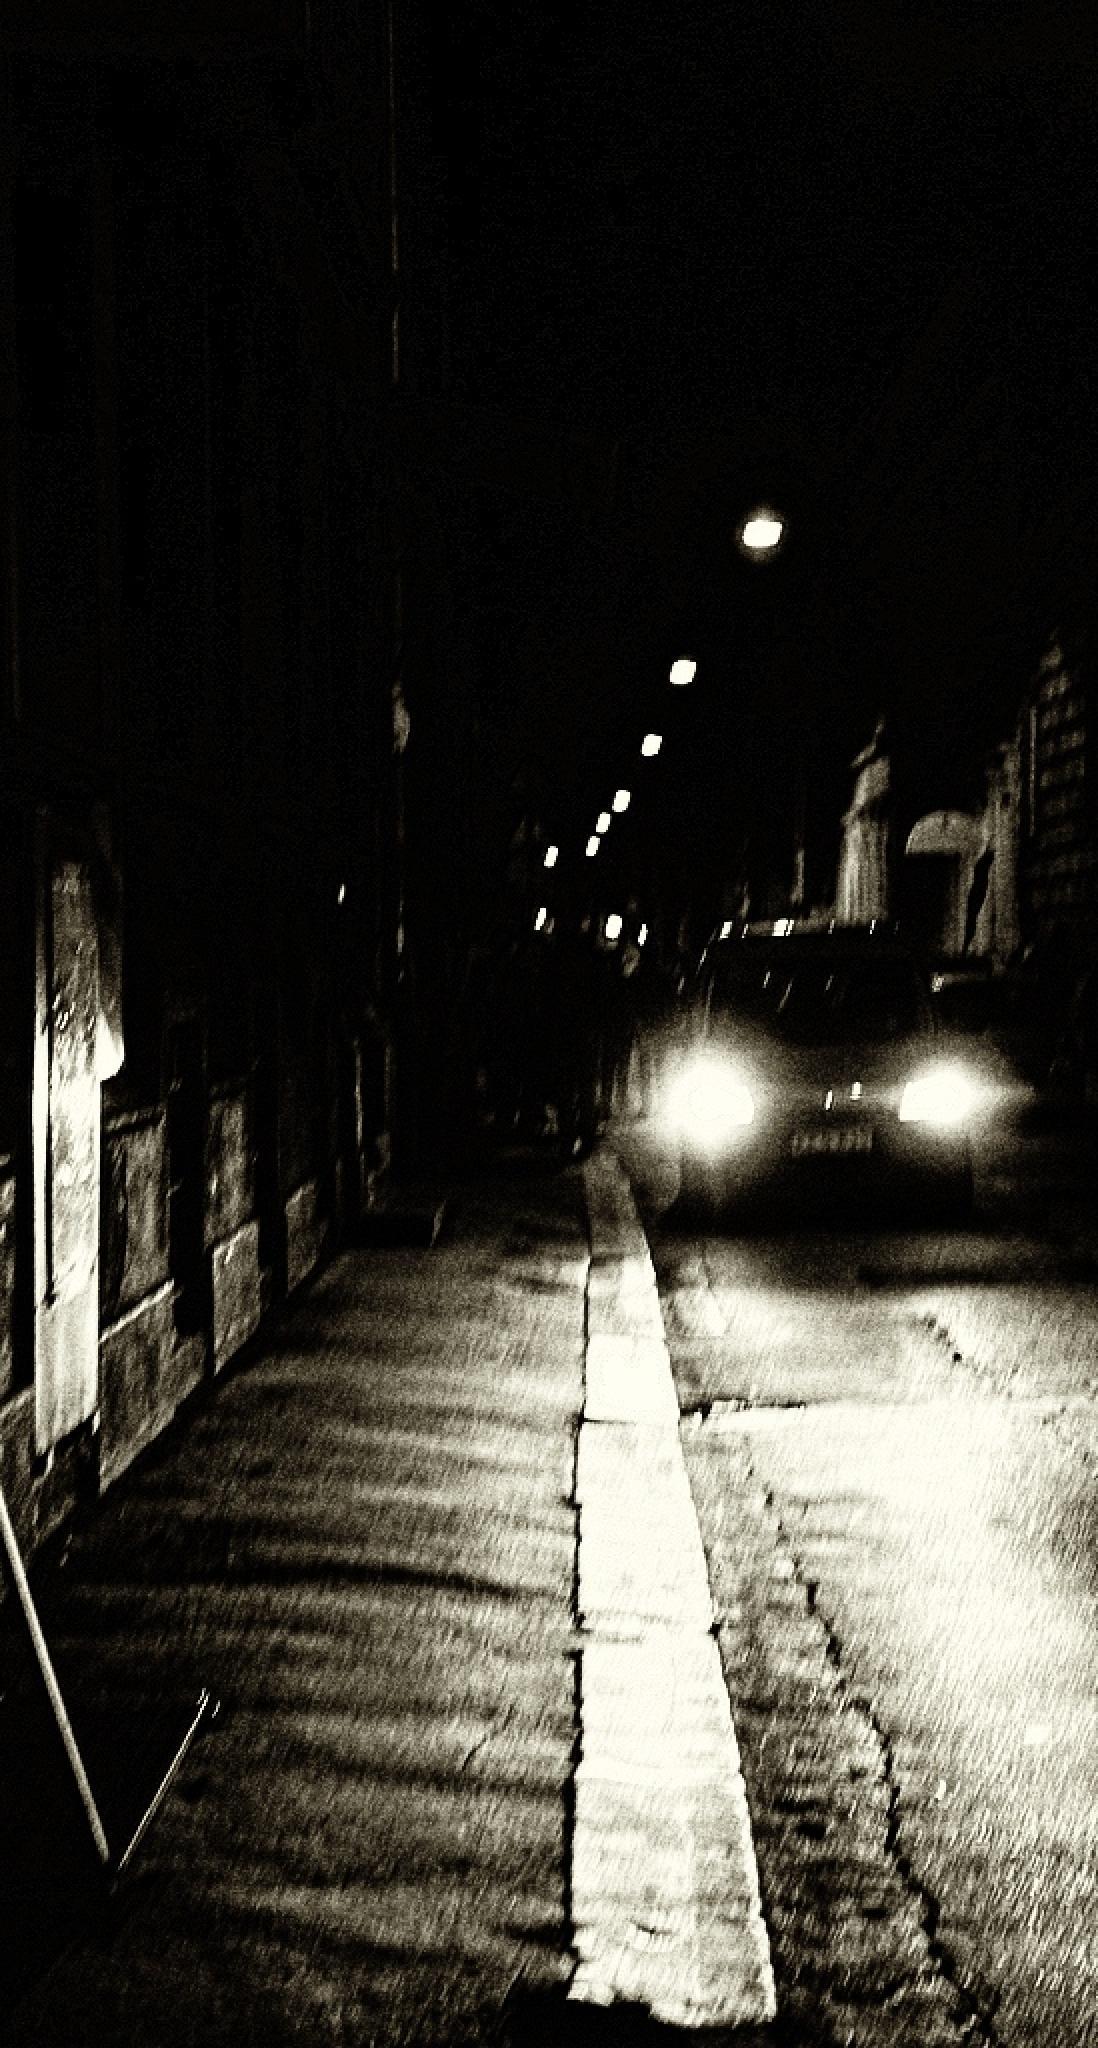 film noir by WolfgangH